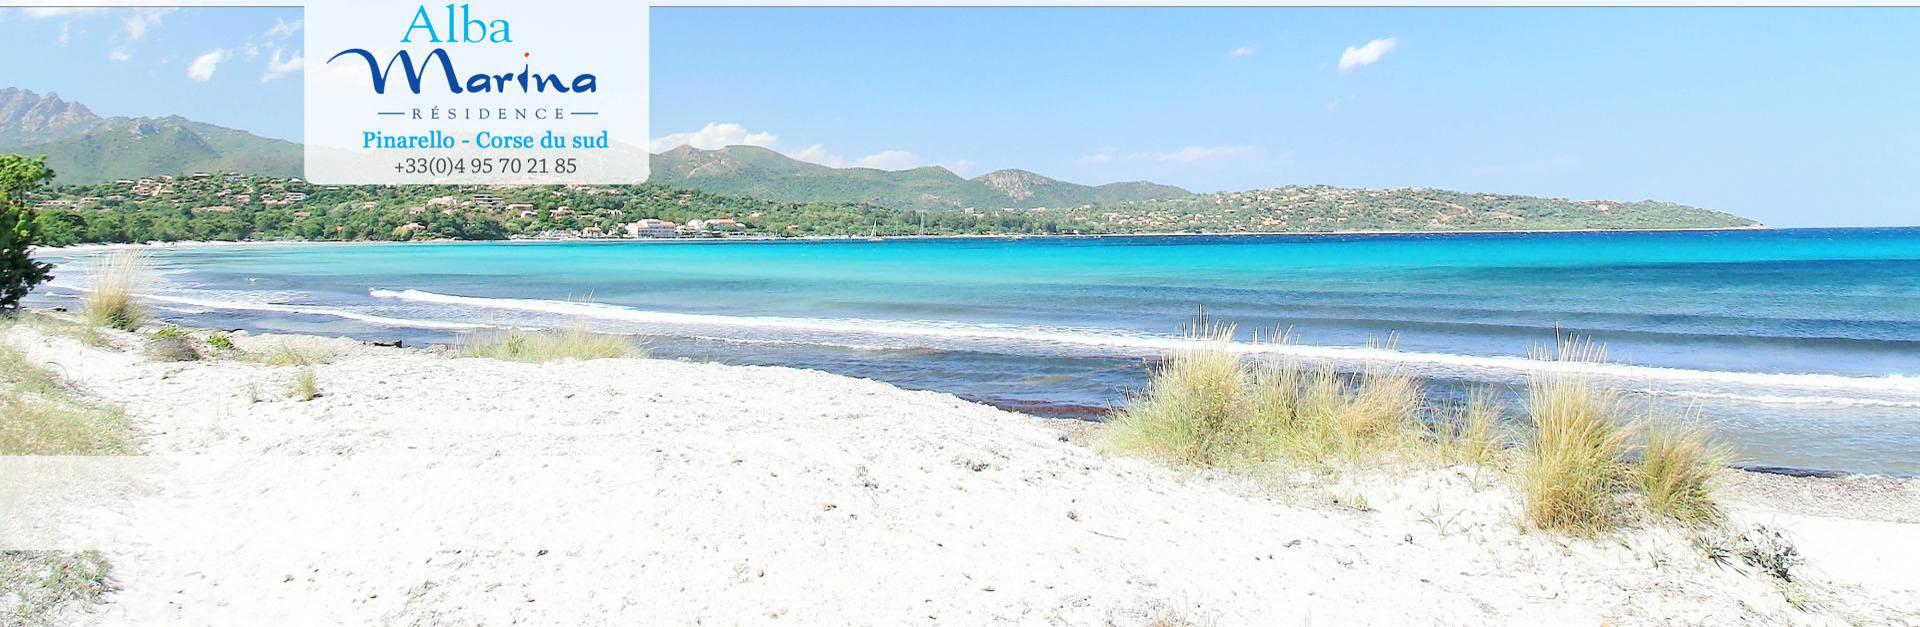 Ferienvillen Strand 200m Pinarellu